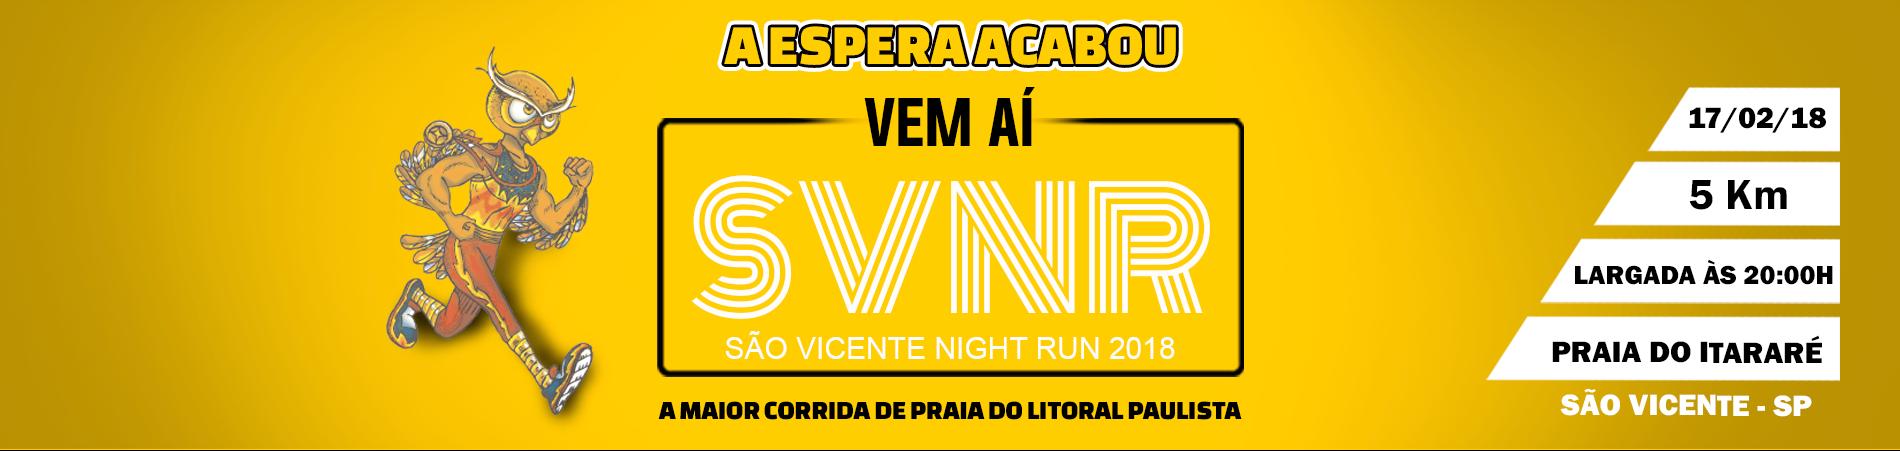 SÃO VICENTE NIGHT RUN 2018